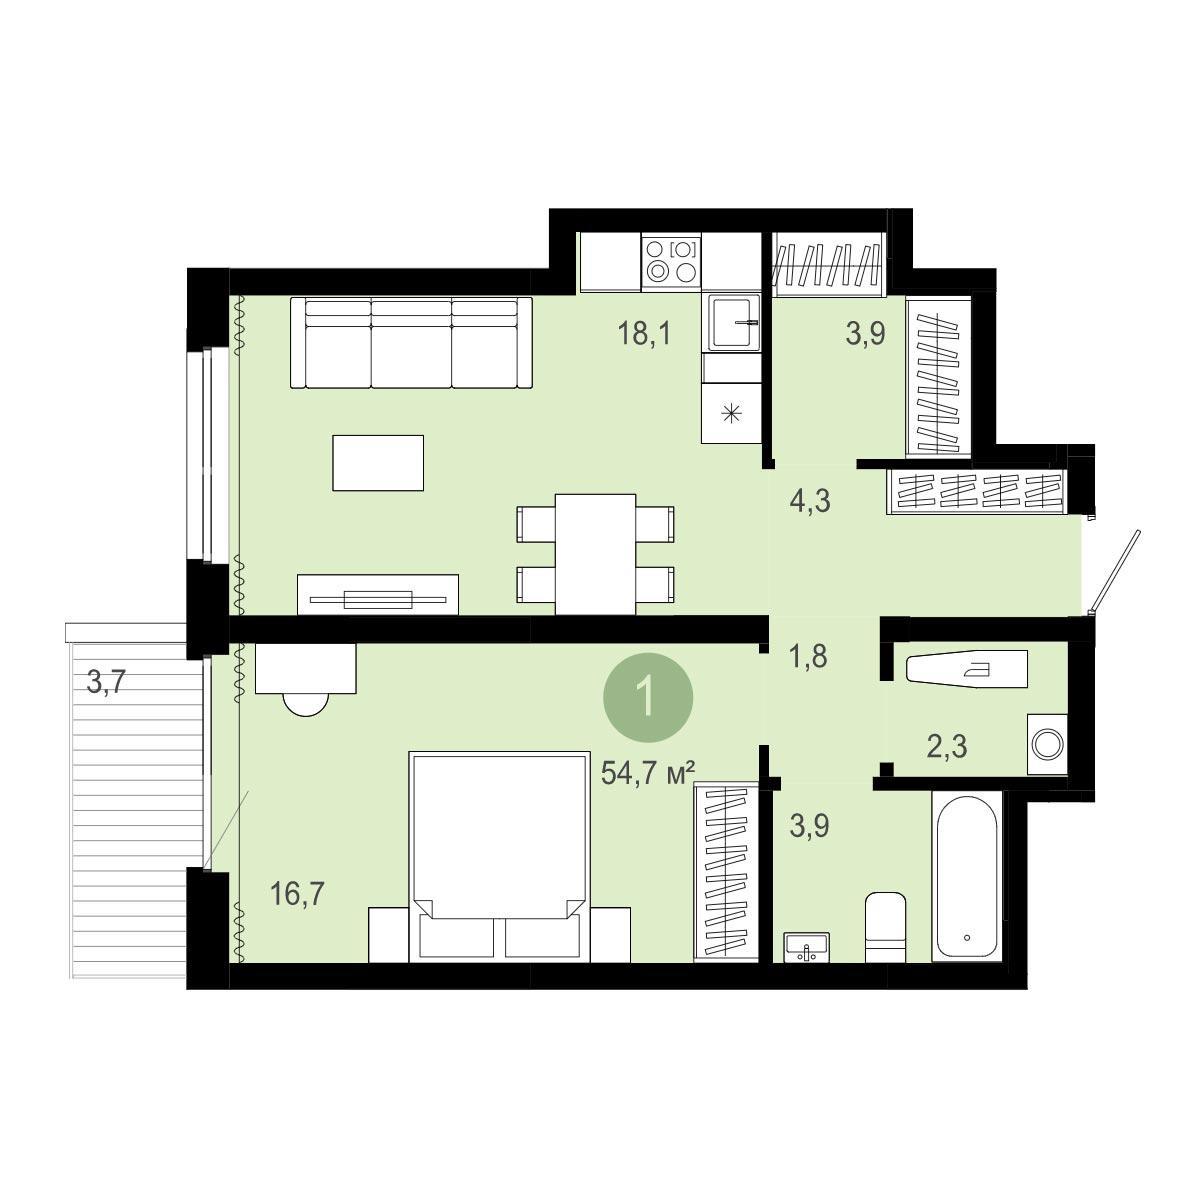 Планировка 2-комн. студия площадью 54.7 м<sup>2</sup> в ЖК Европейский Берег